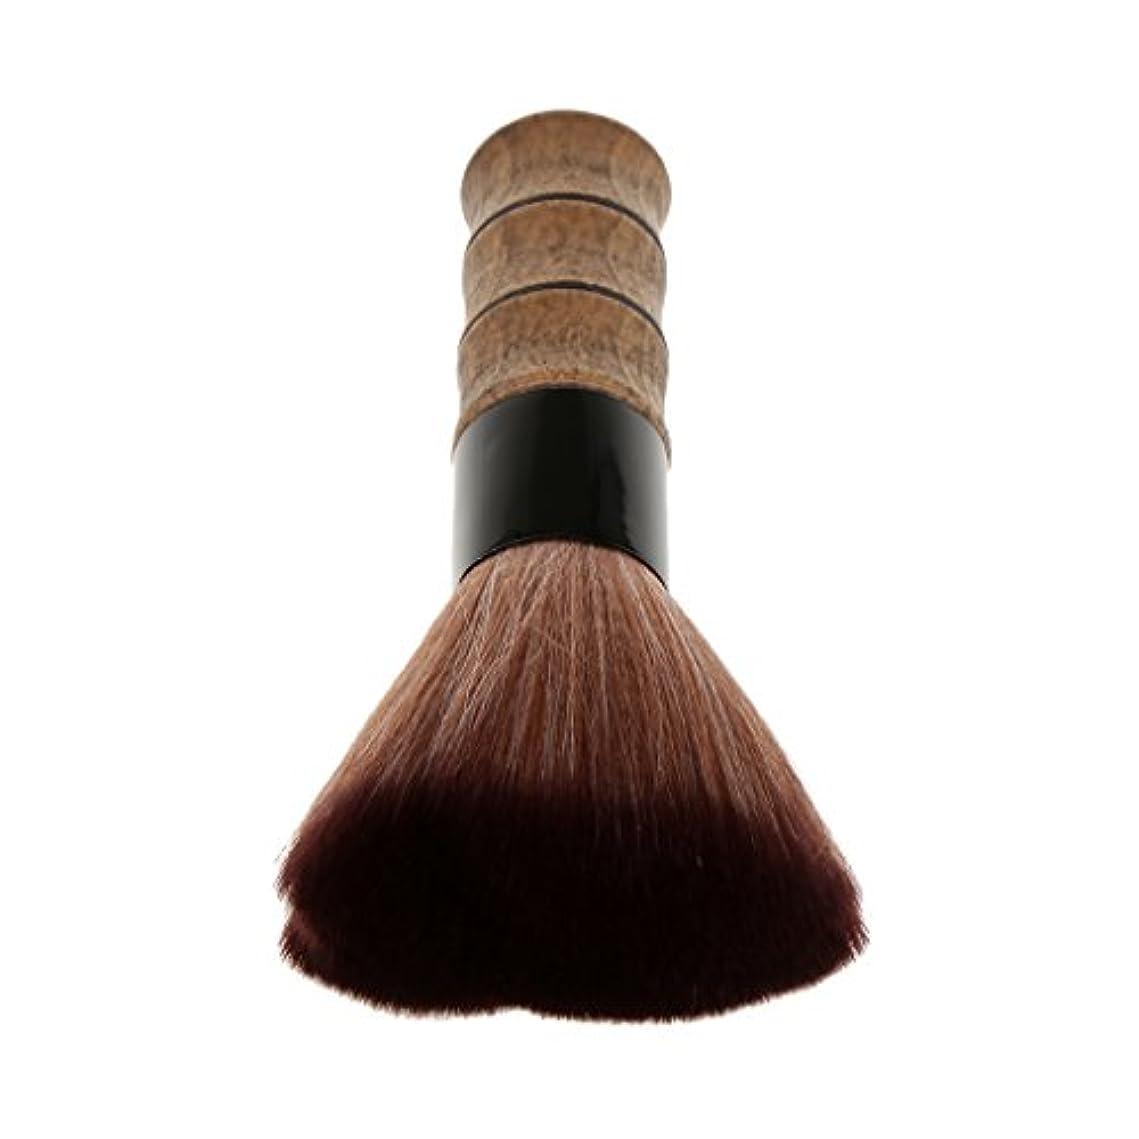 是正するアトミック表向きT TOOYFUL 顔の首の毛の切断の塵の剃るブラシの顔の赤面の粉の構造のブラシ - 褐色